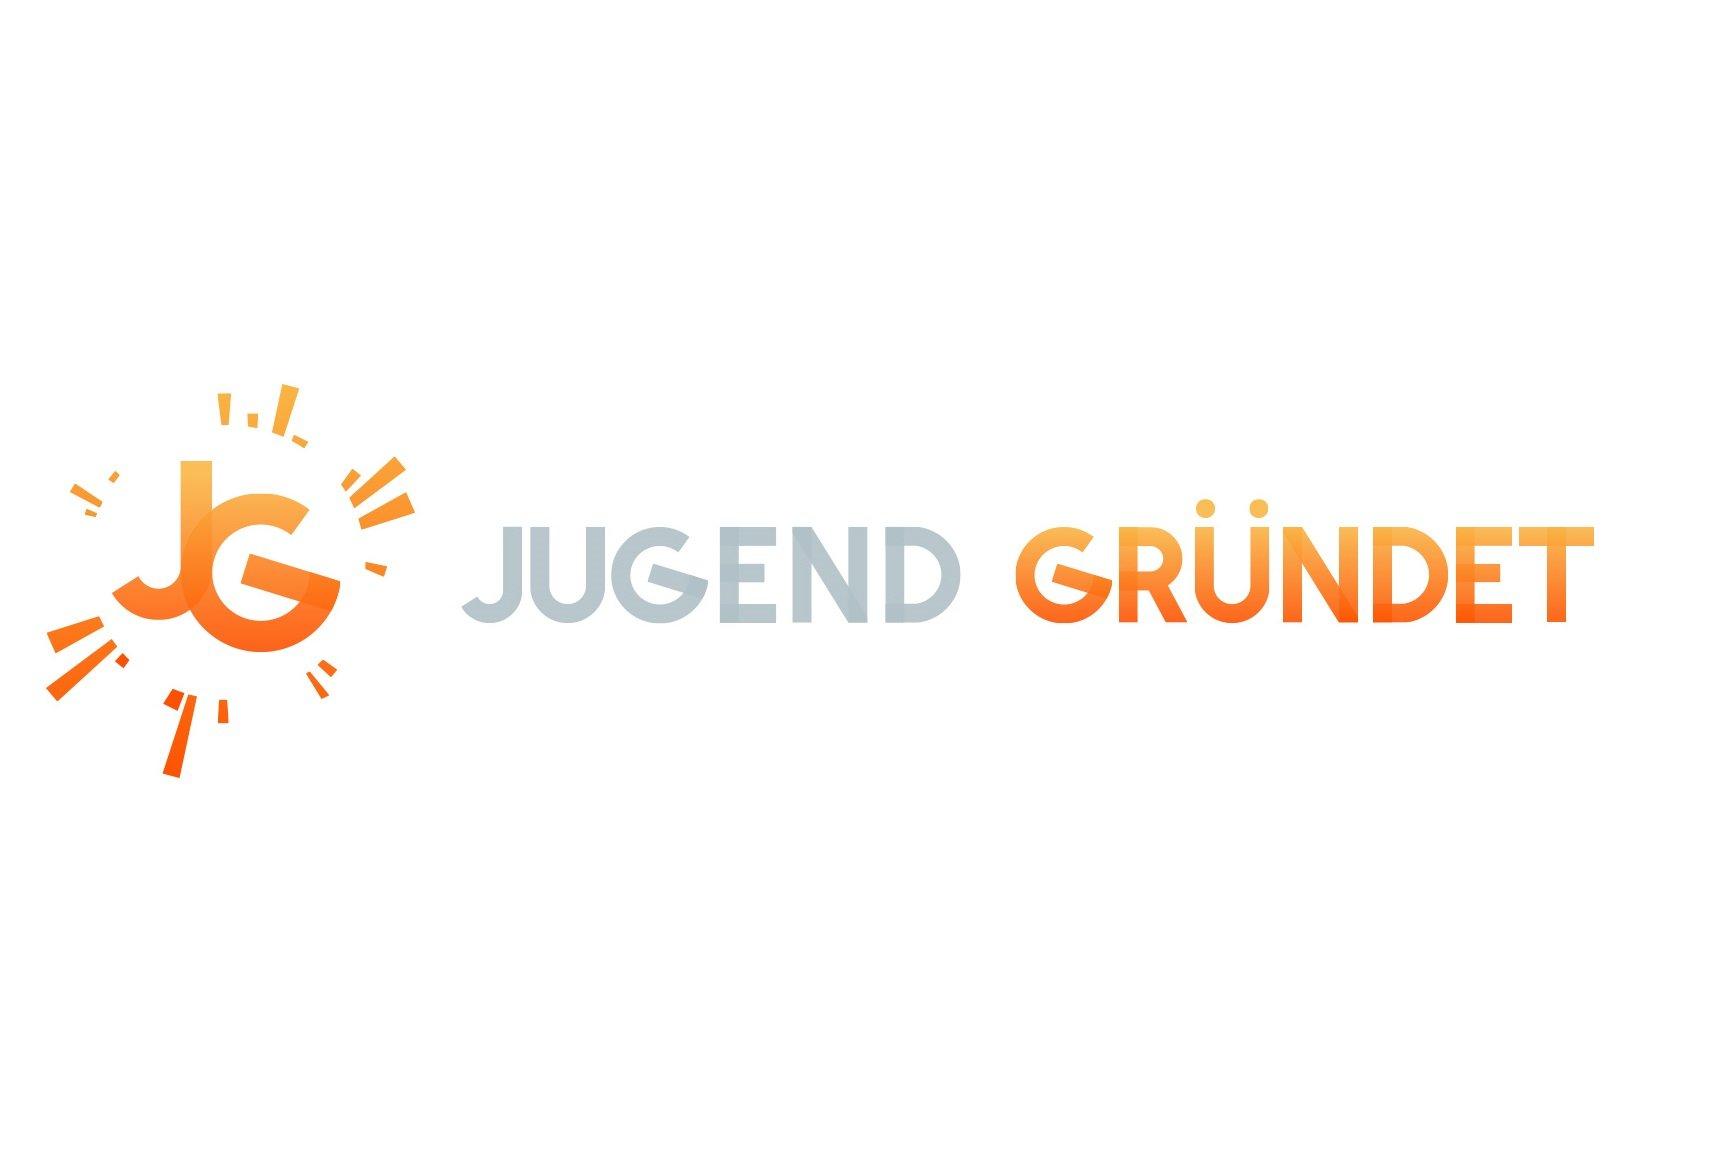 Jugend gründet - Sonderpreis Innovation in Textil der KLiNGEL Gruppe